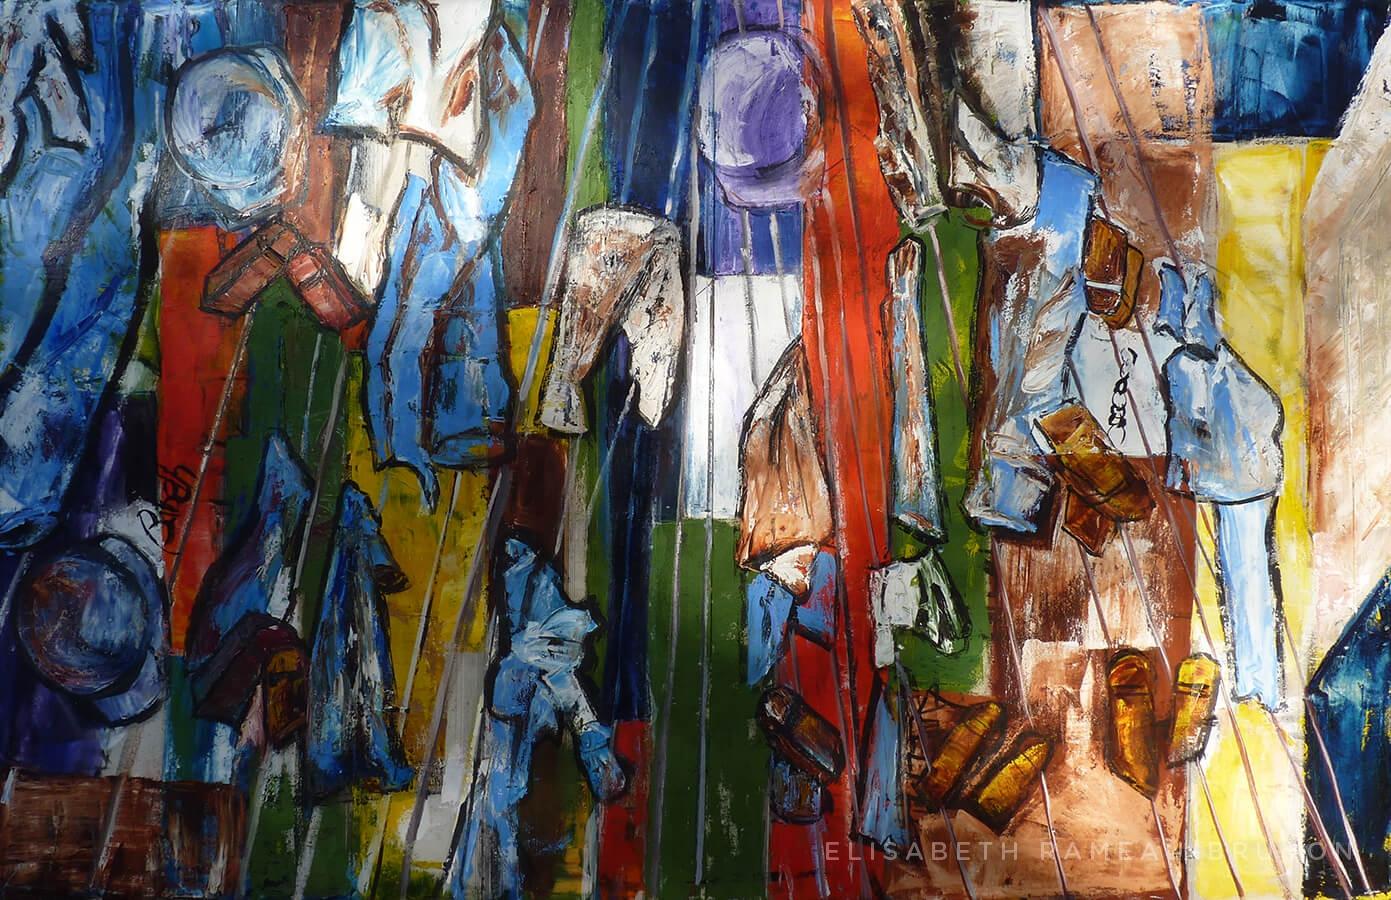 Toile représentant des cordes à linge avec des vêtements pendus.